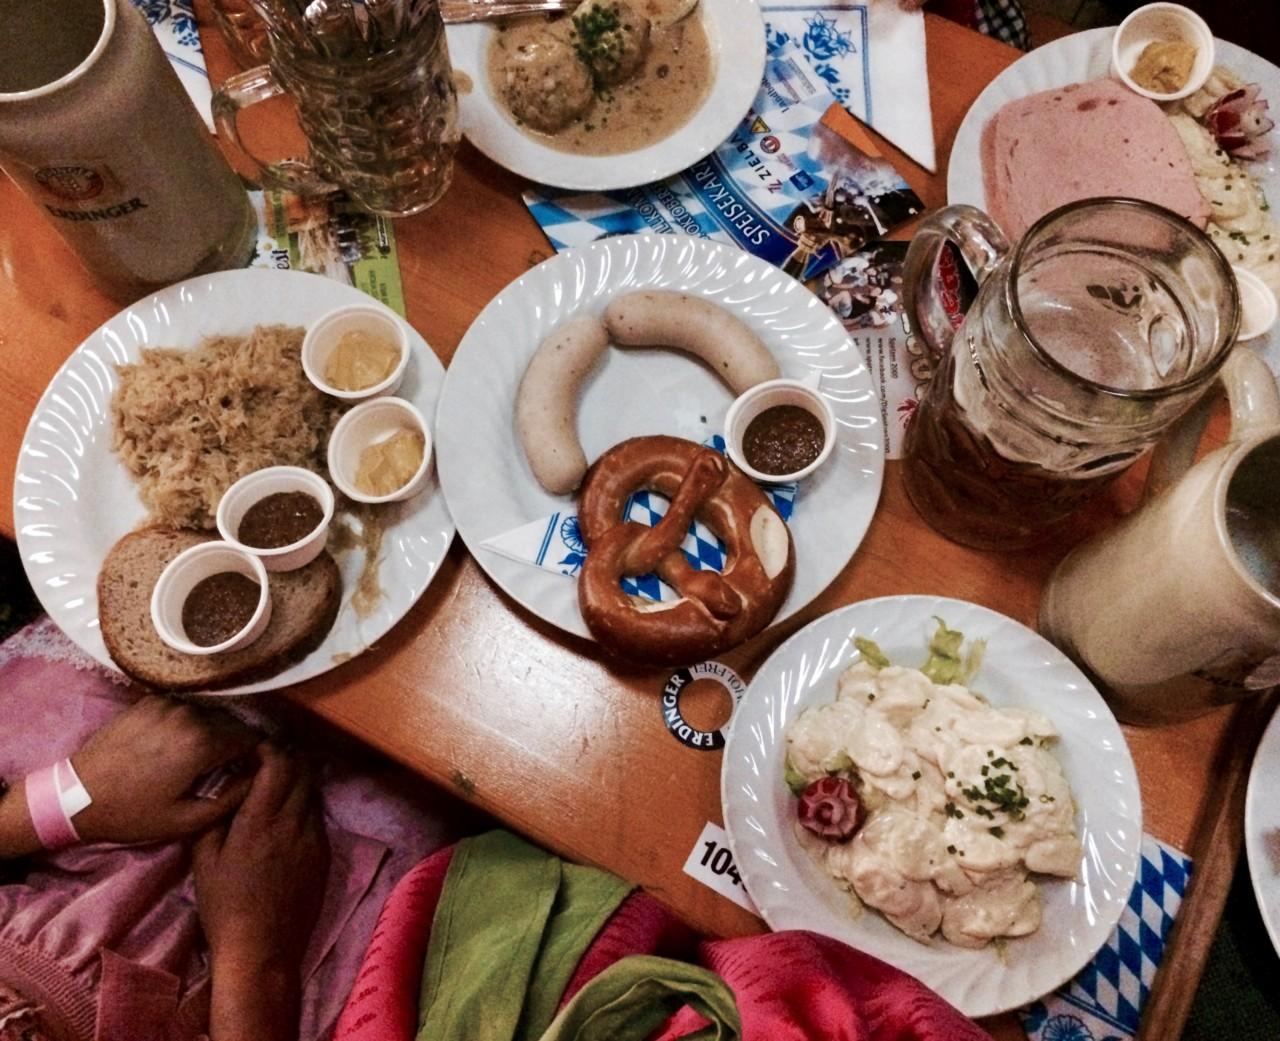 Laugenbrezel, Weisswurst, süsser bayrischer Senf. Dieser Klassiker ist Vorbild für das Weisswurst-Crostini zum Apéro. Foto: Lunchgate/Anna